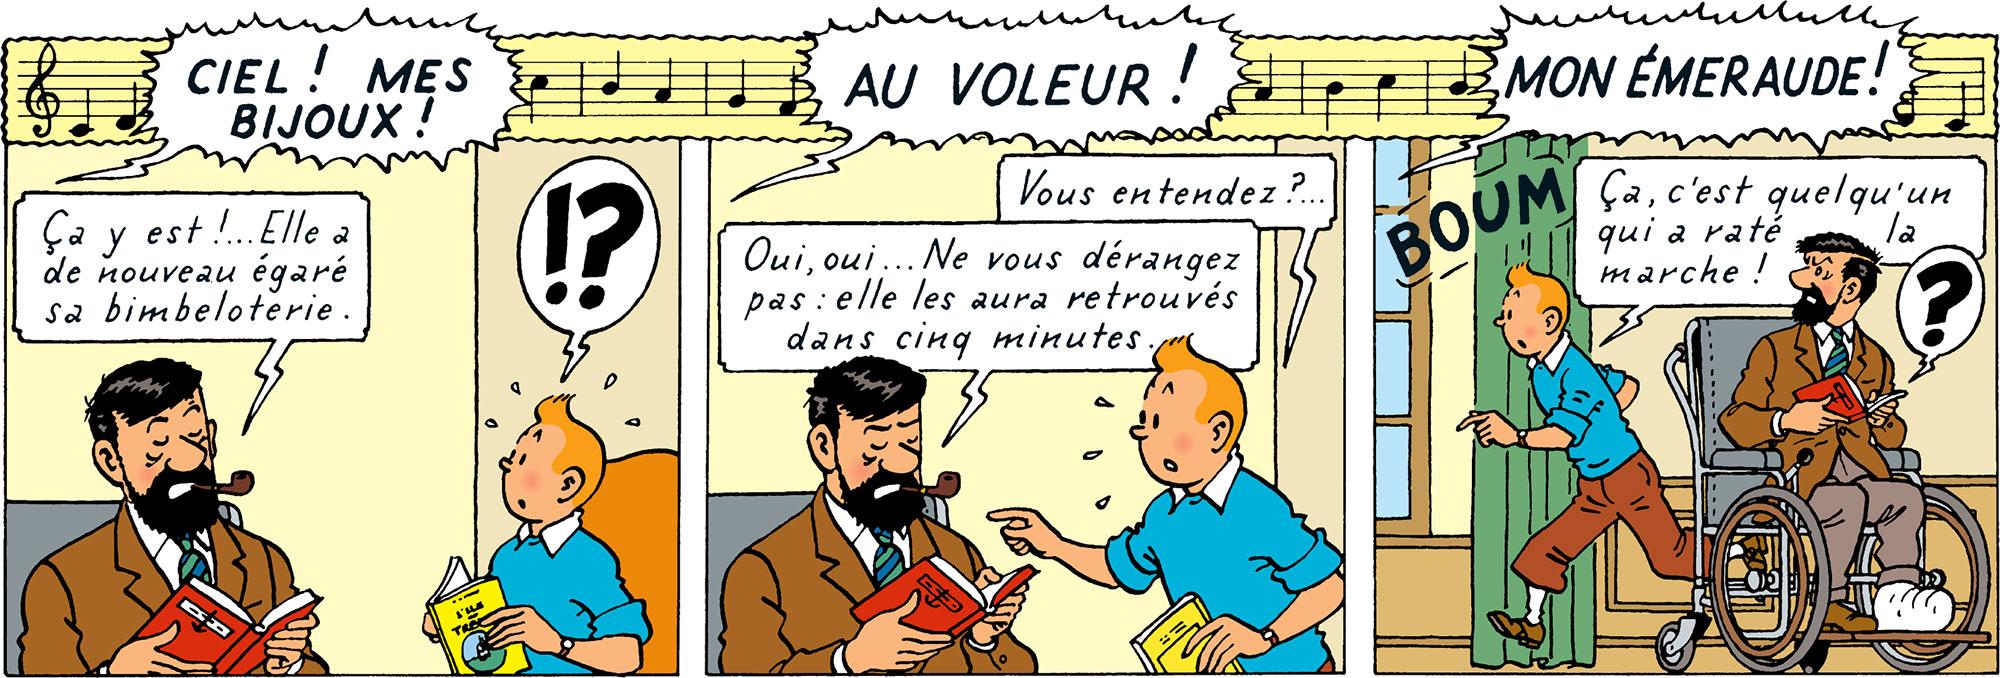 Les Bijoux de la Castafiore — Tintin.com